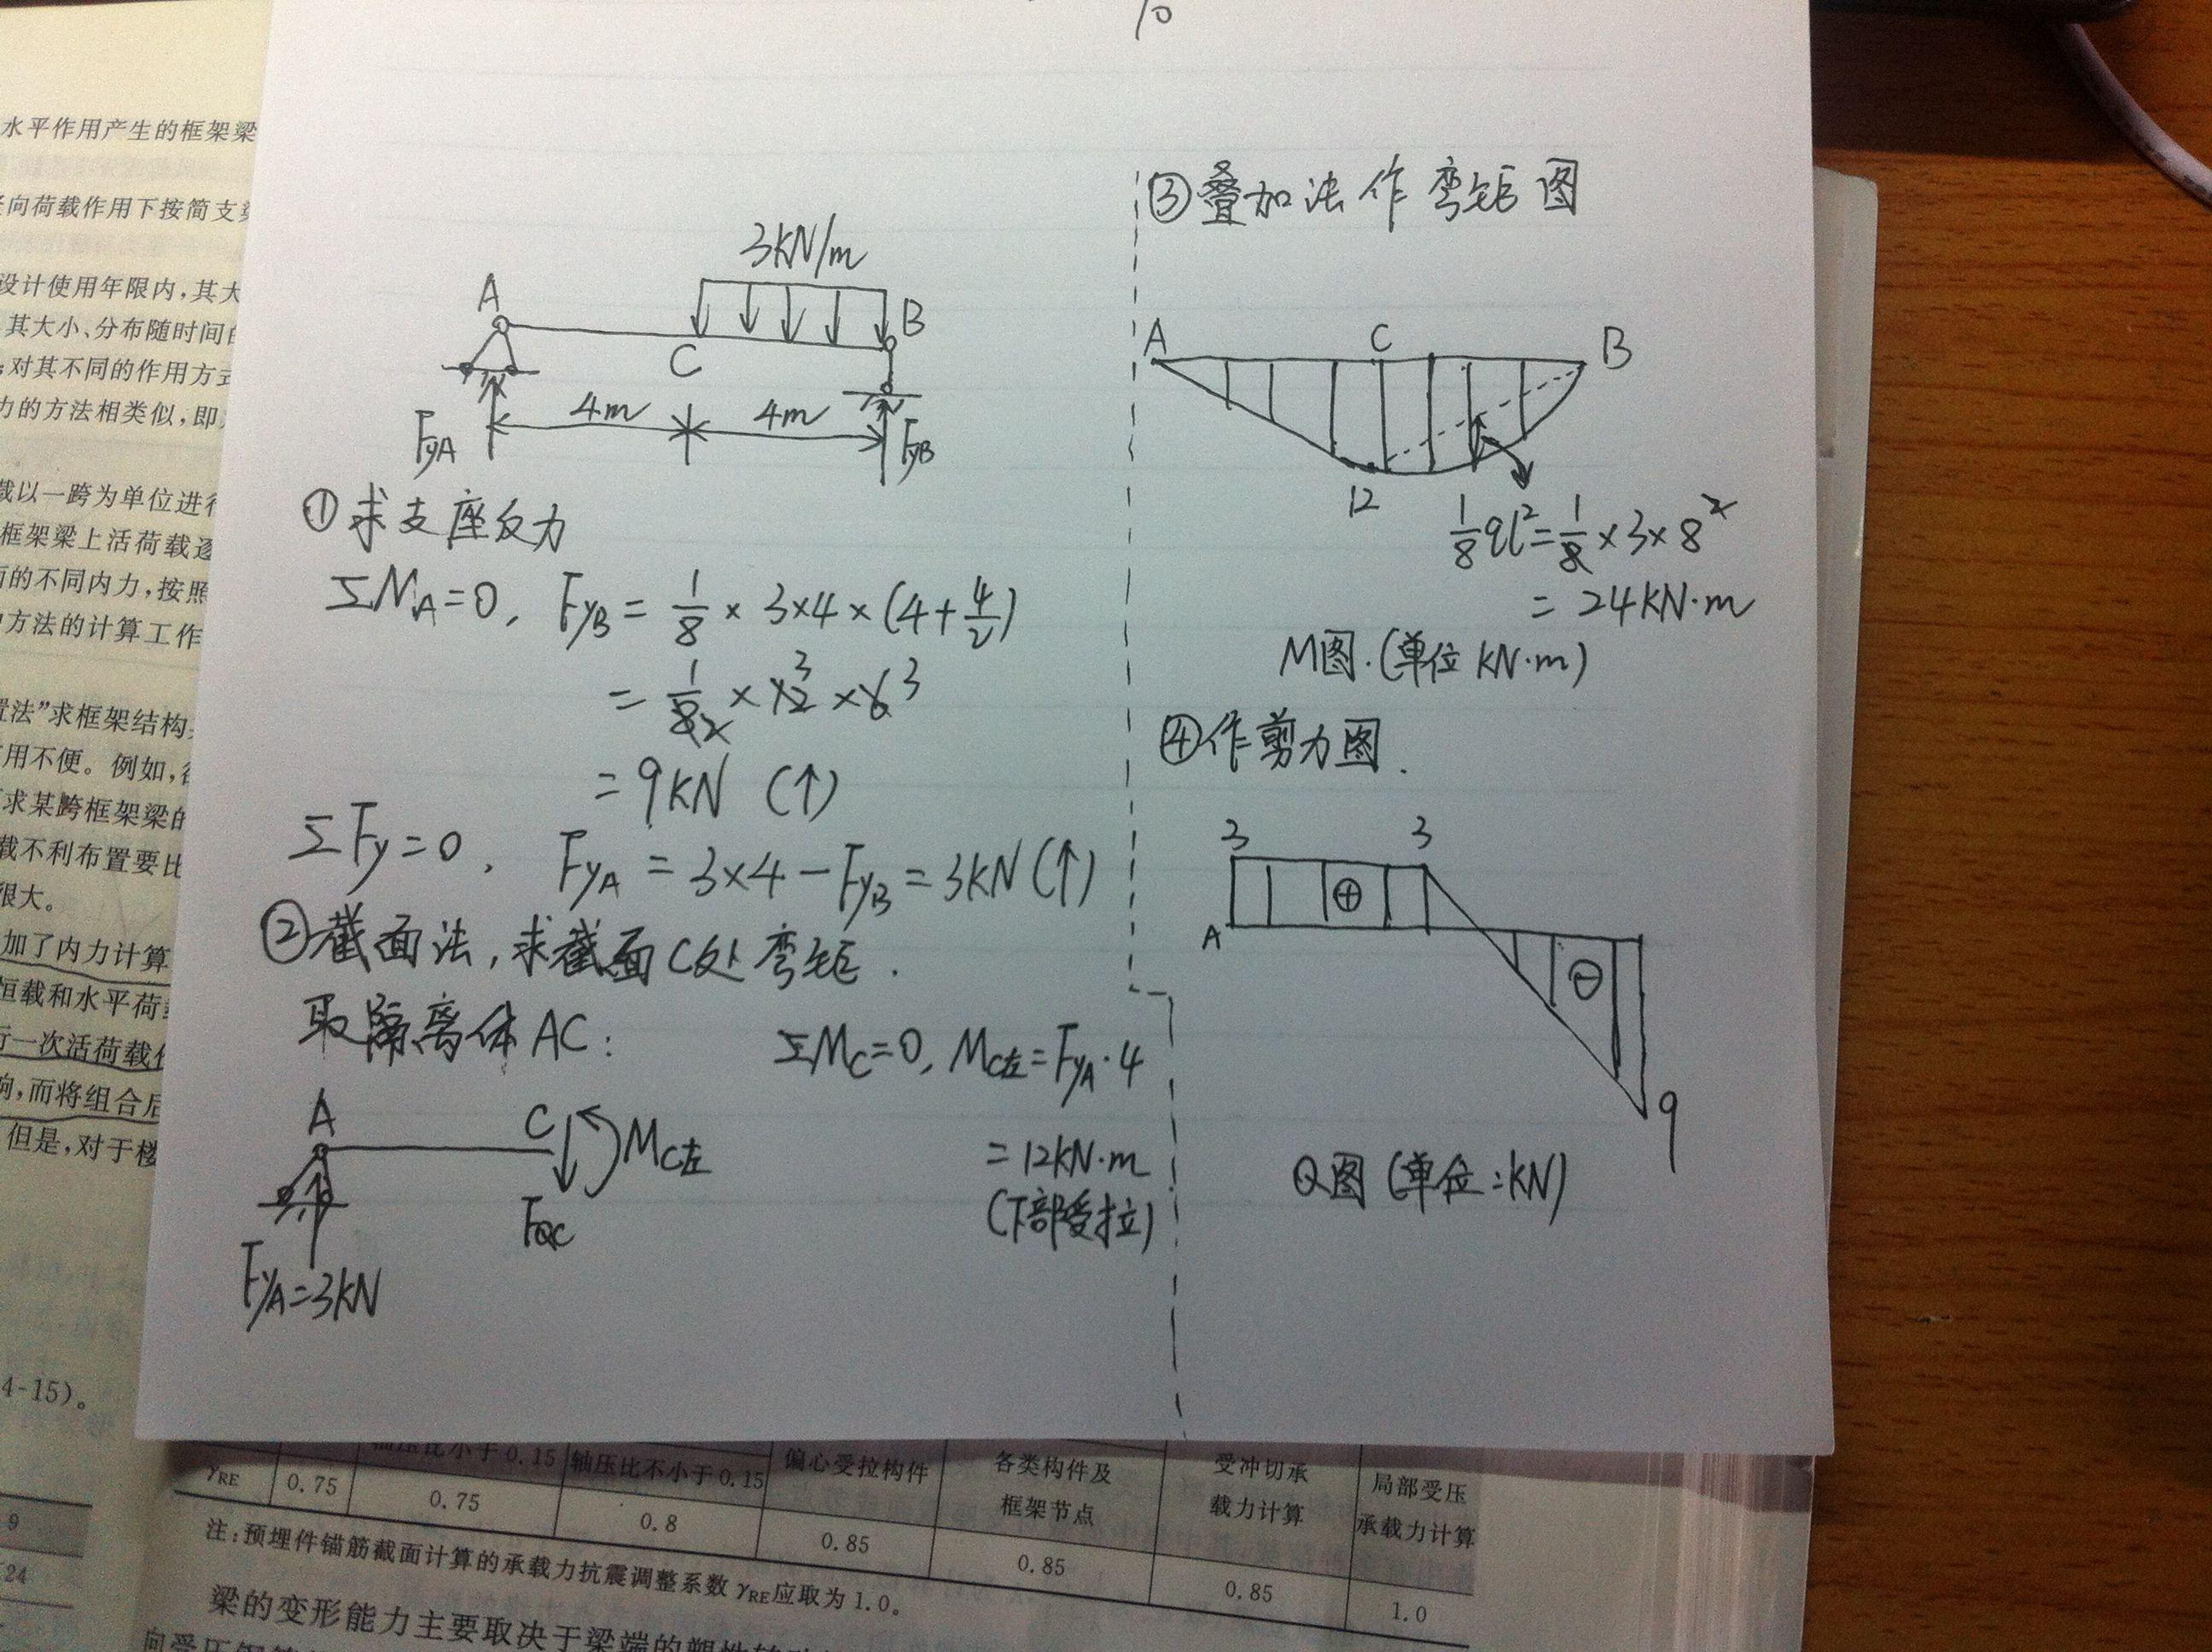 帮我画一下结构力学的 内力图?不知怎么画的 急求